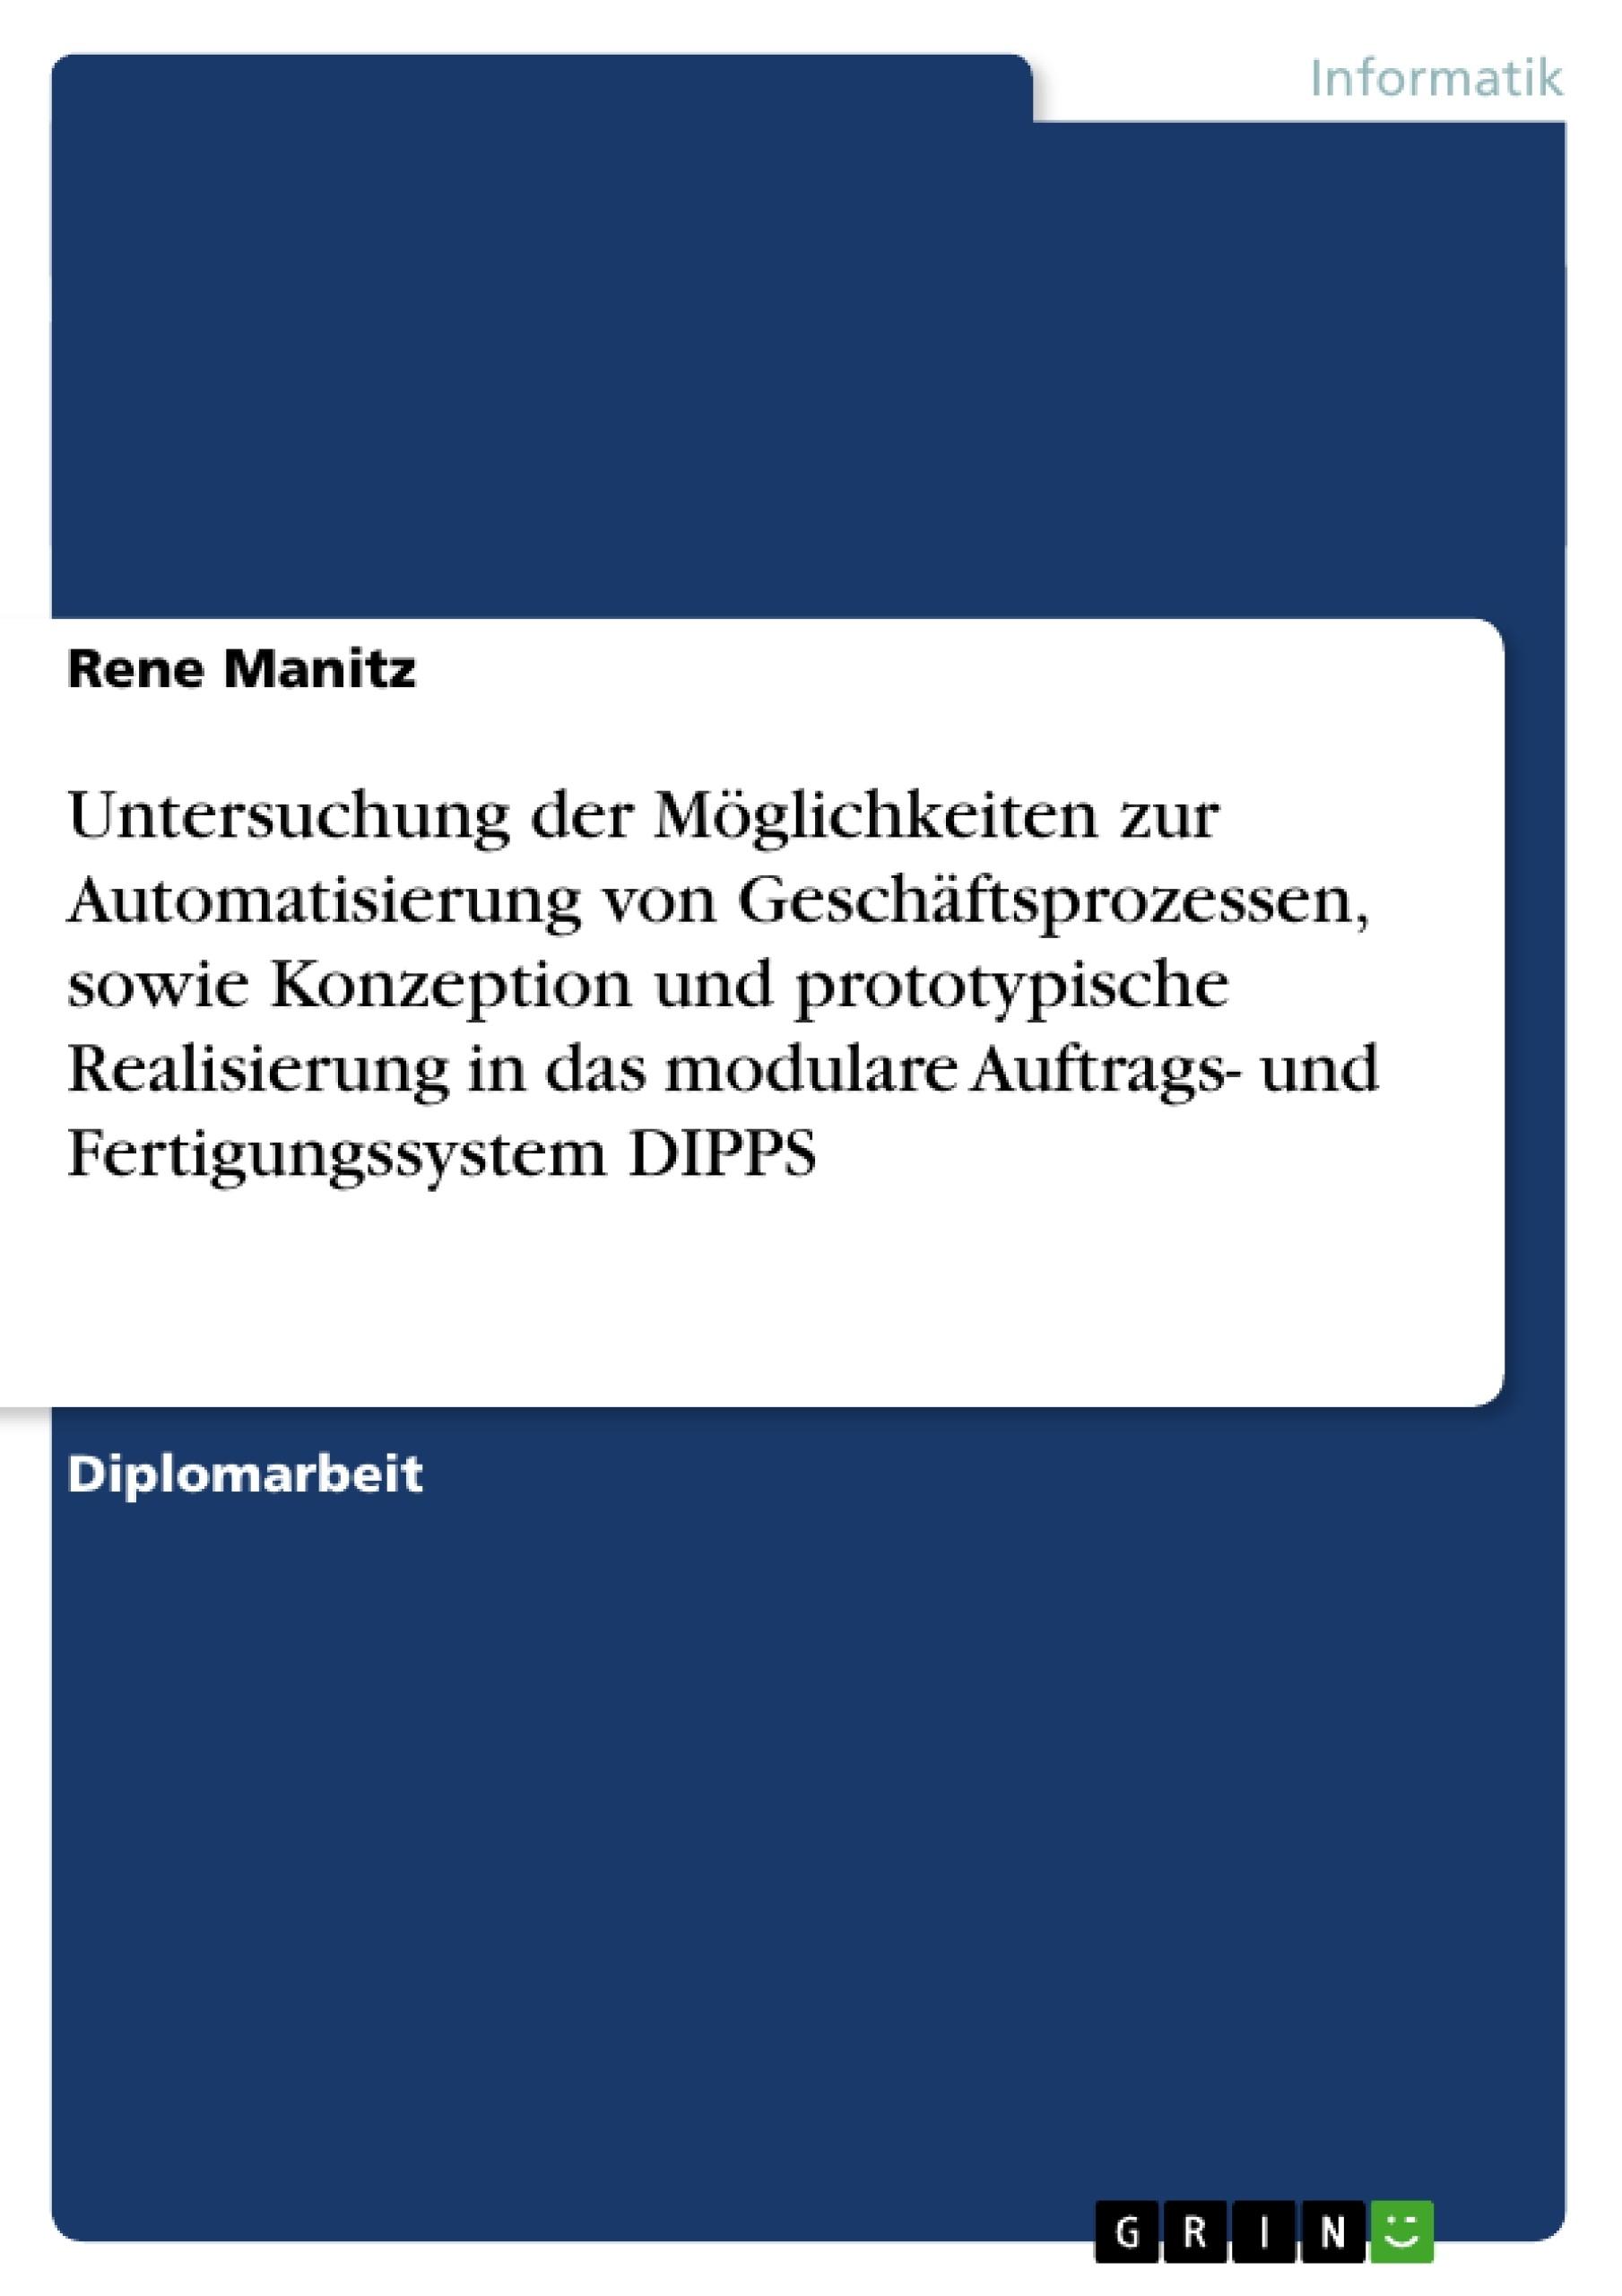 Titel: Untersuchung der Möglichkeiten zur Automatisierung von Geschäftsprozessen, sowie Konzeption und prototypische Realisierung in das modulare Auftrags- und Fertigungssystem DIPPS